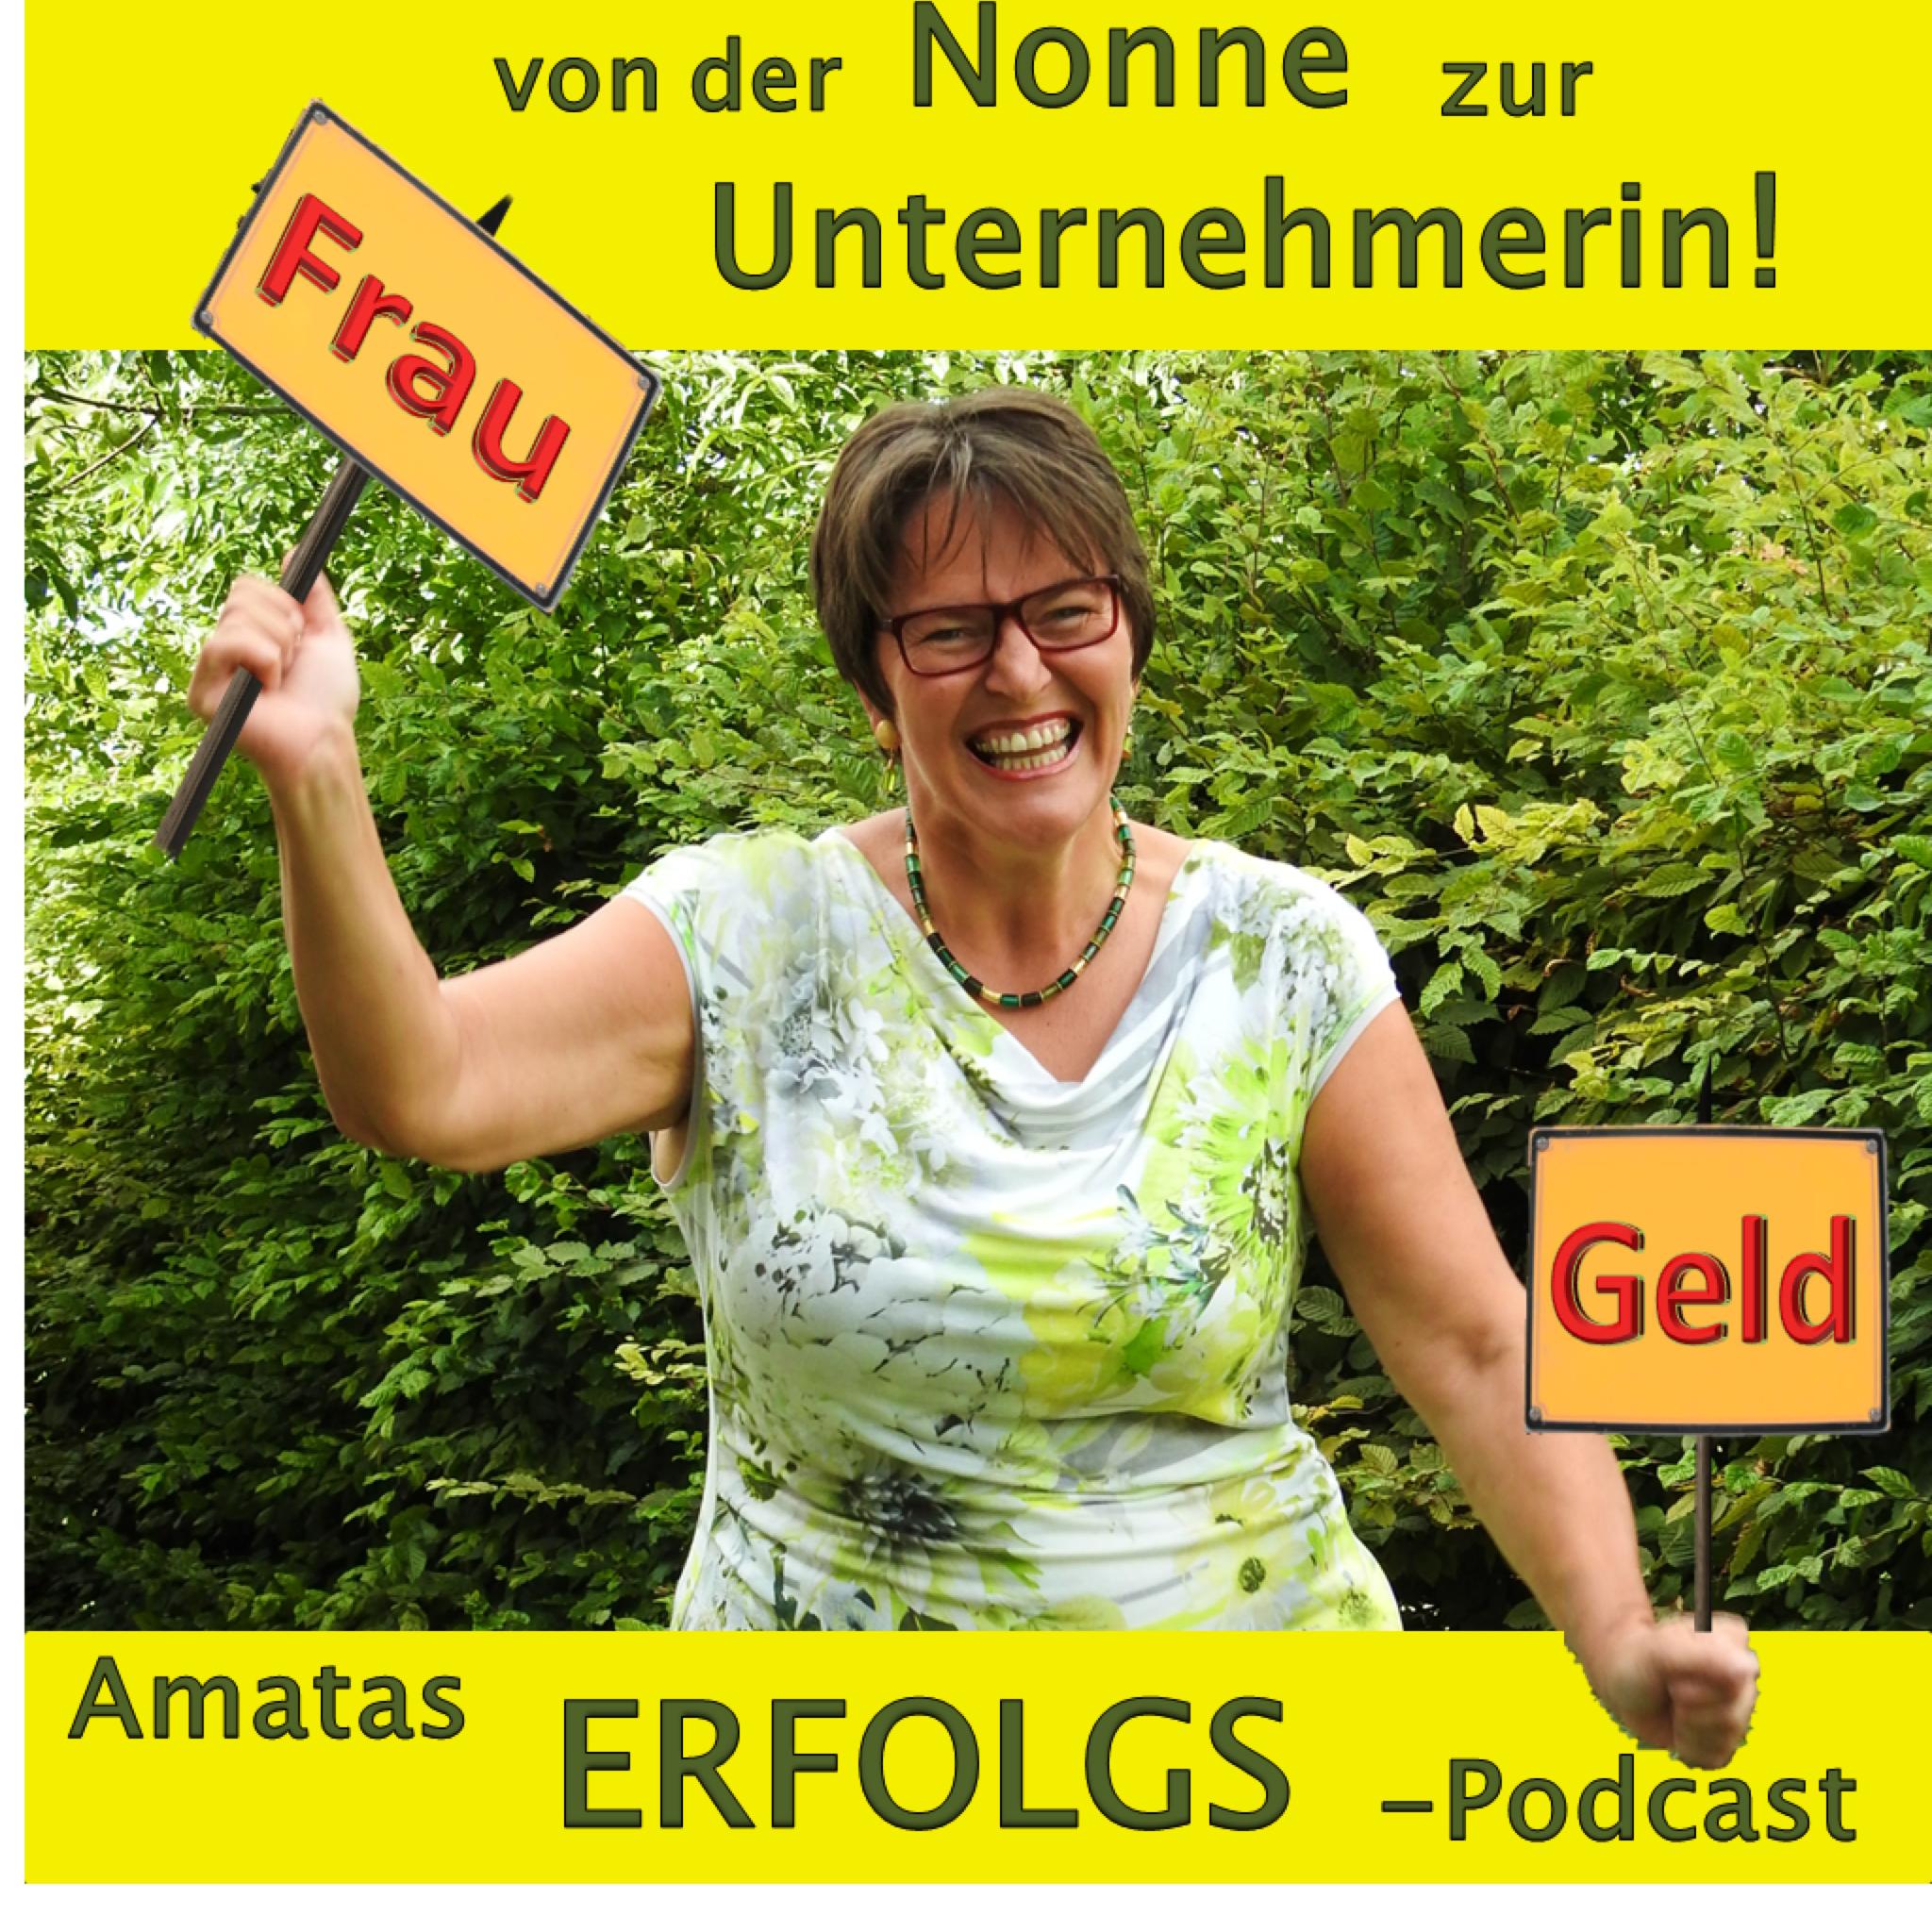 Amata's Erfolgspodcast Frau & Geld – Der Podcast für ein residuales Einkommen und ein erfülltes Leben